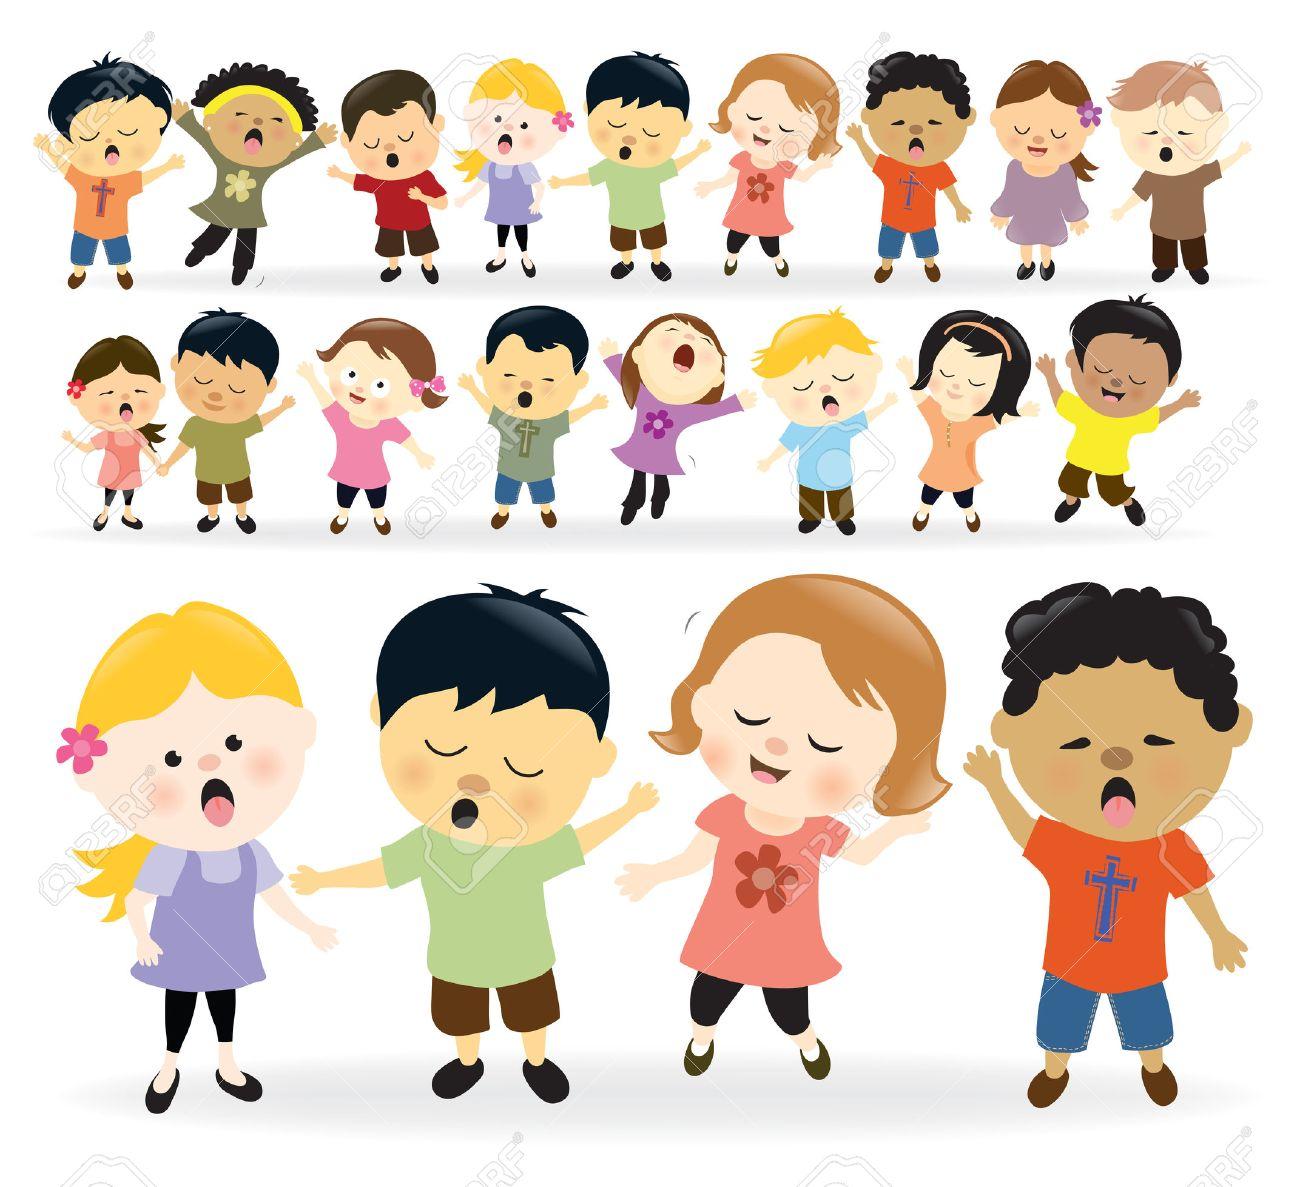 Group of kids singing - 24283485